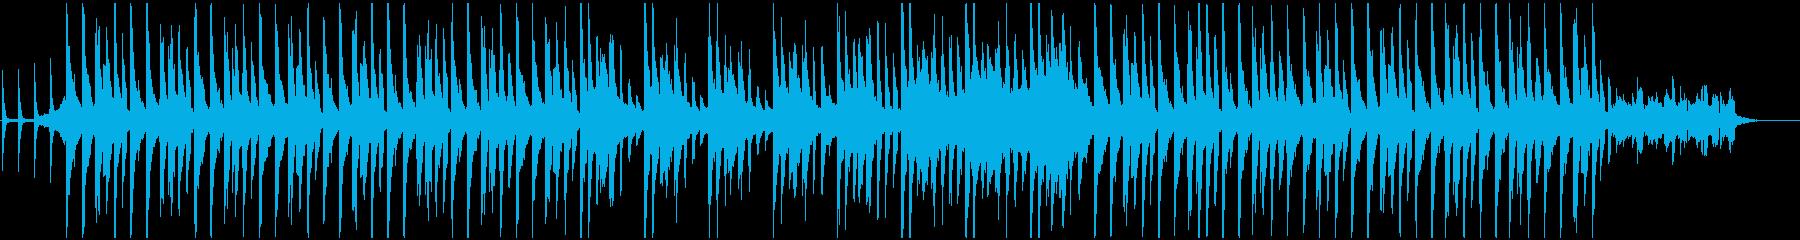 クリスマスをイメージしデジタル調BGMの再生済みの波形